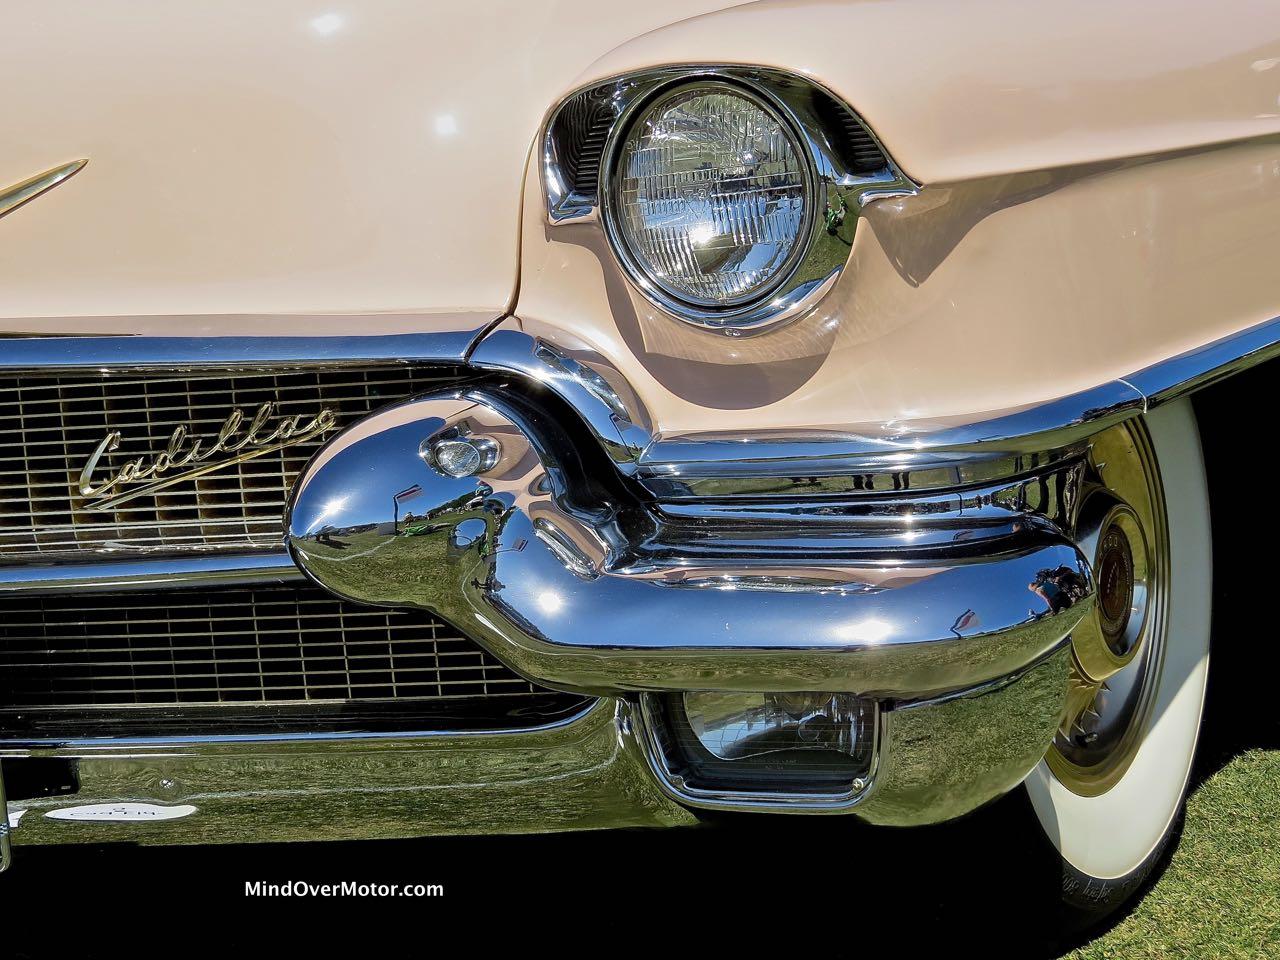 1956 Cadillac Eldorado Grille Detail